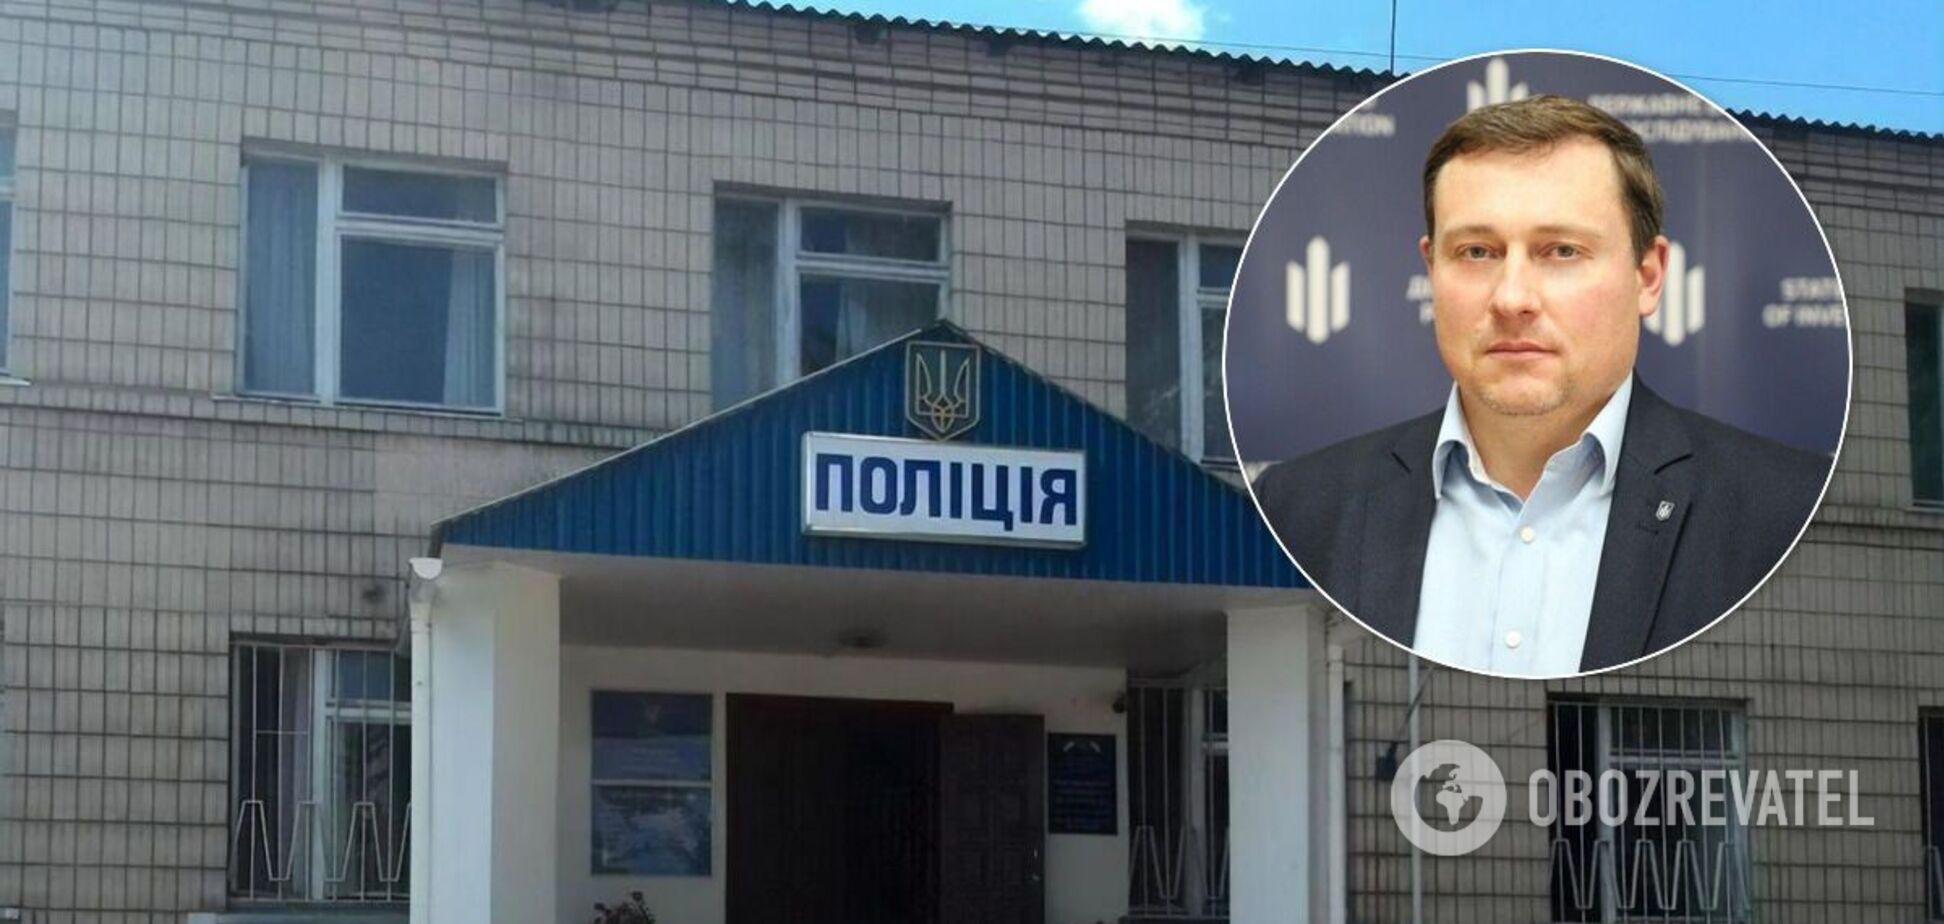 Изнасилование в полиции Кагарлыка